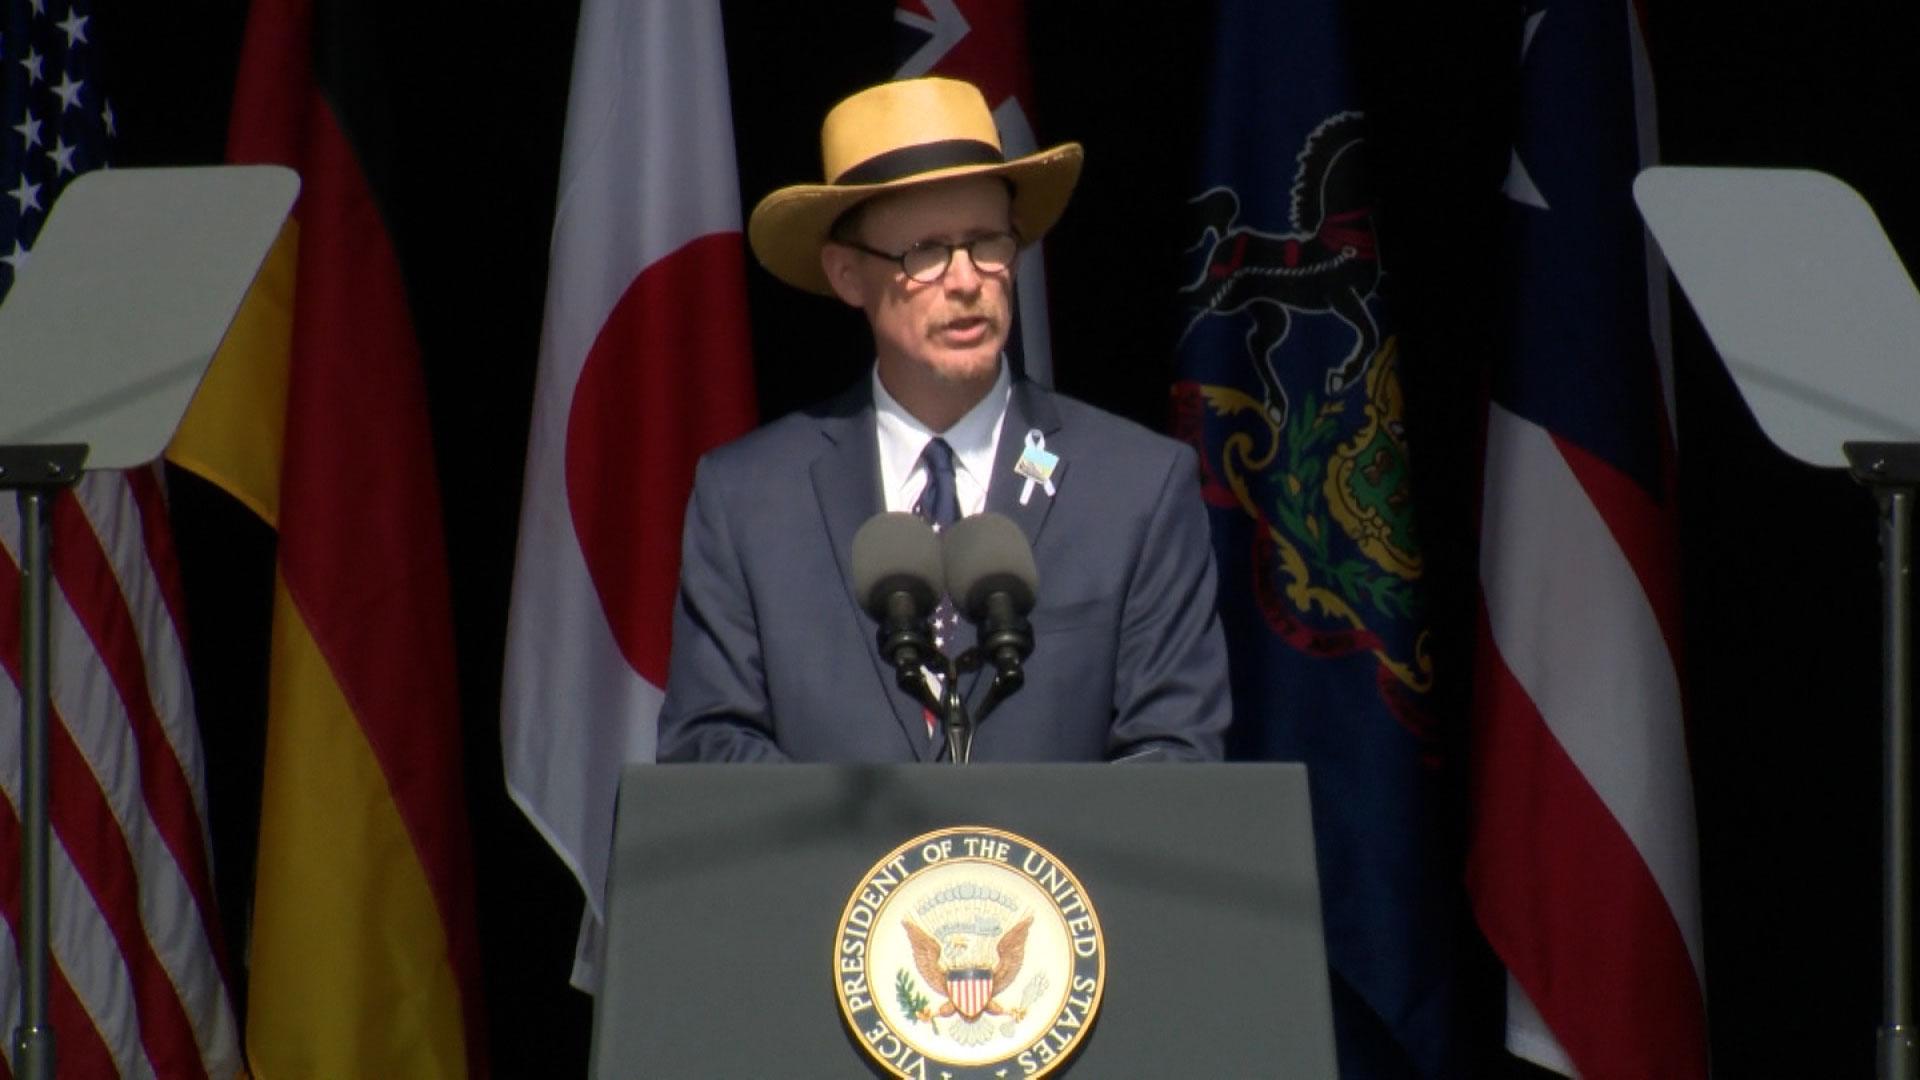 Gordon Felt, the president of the Families of Flight 93, speaks at a ceremony in Shanksville, Pennsylvania, on September 11.